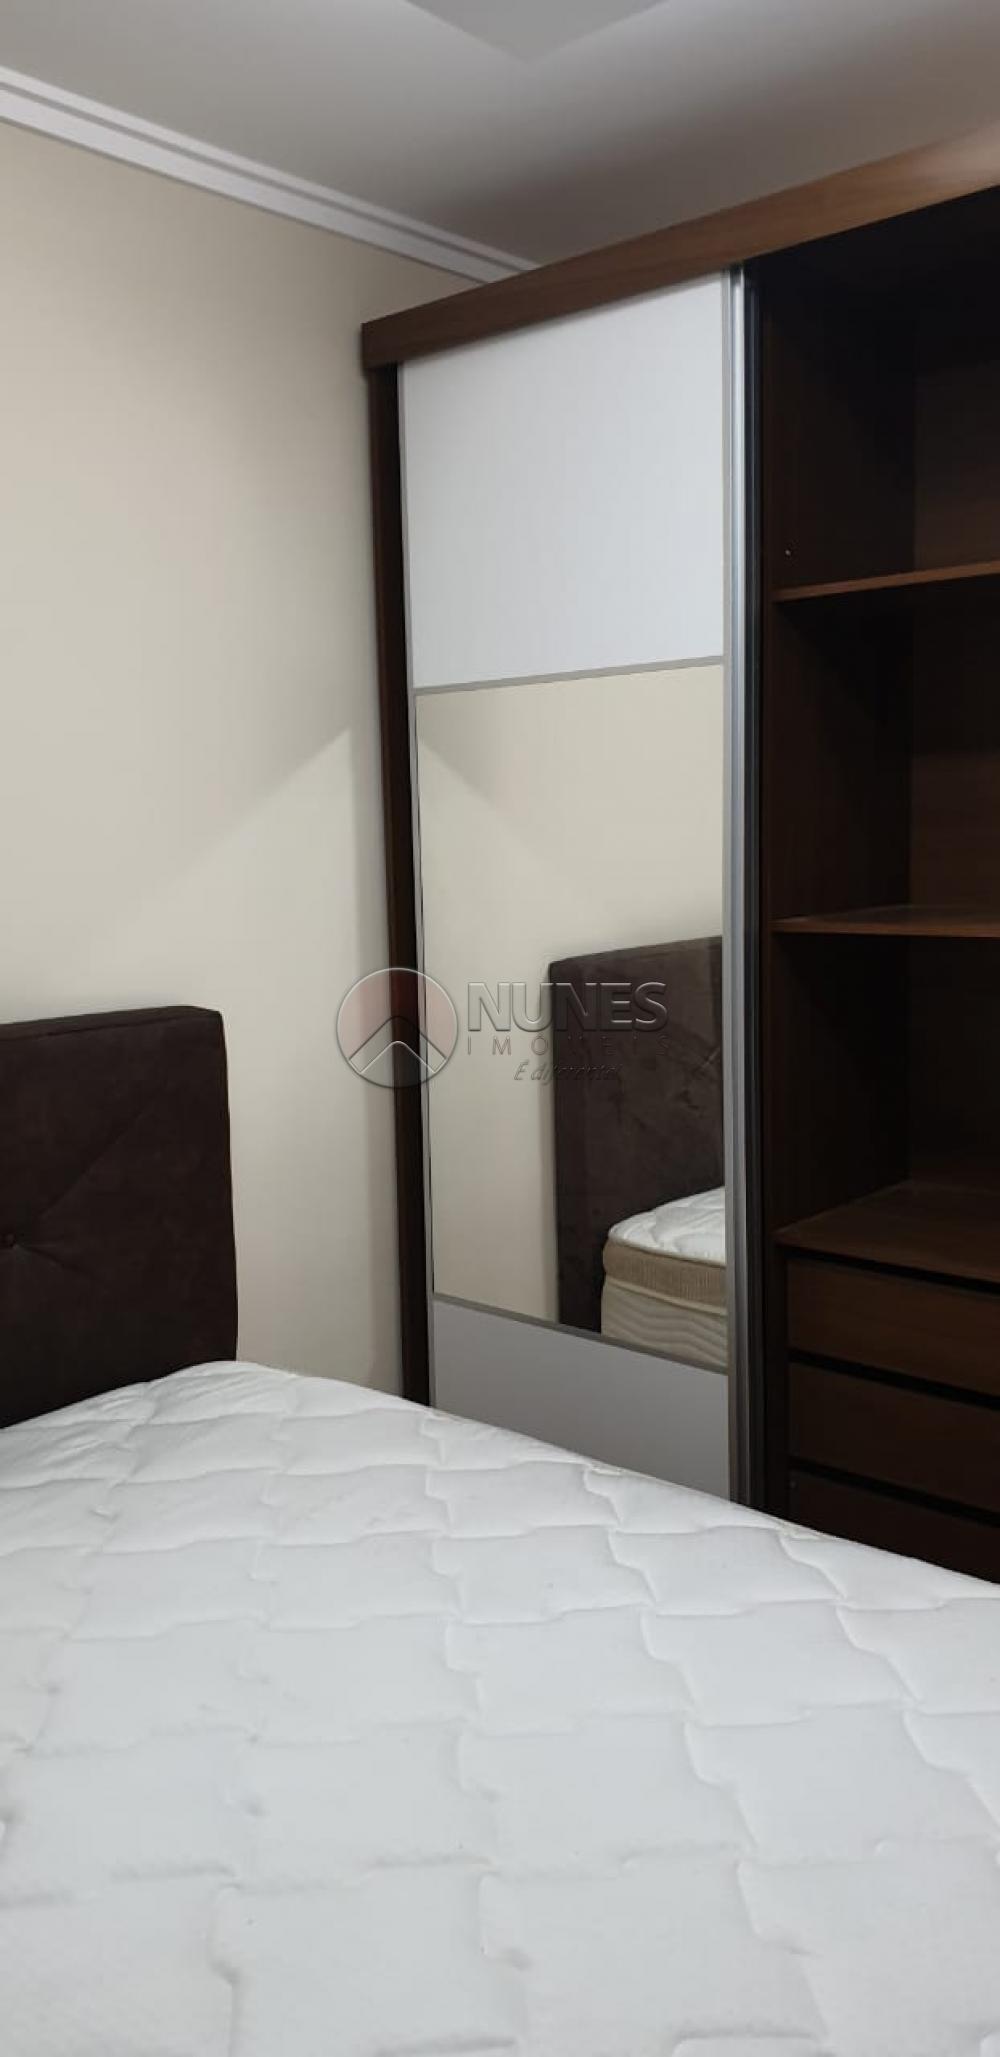 Comprar Apartamento / Padrão em Osasco apenas R$ 195.000,00 - Foto 14